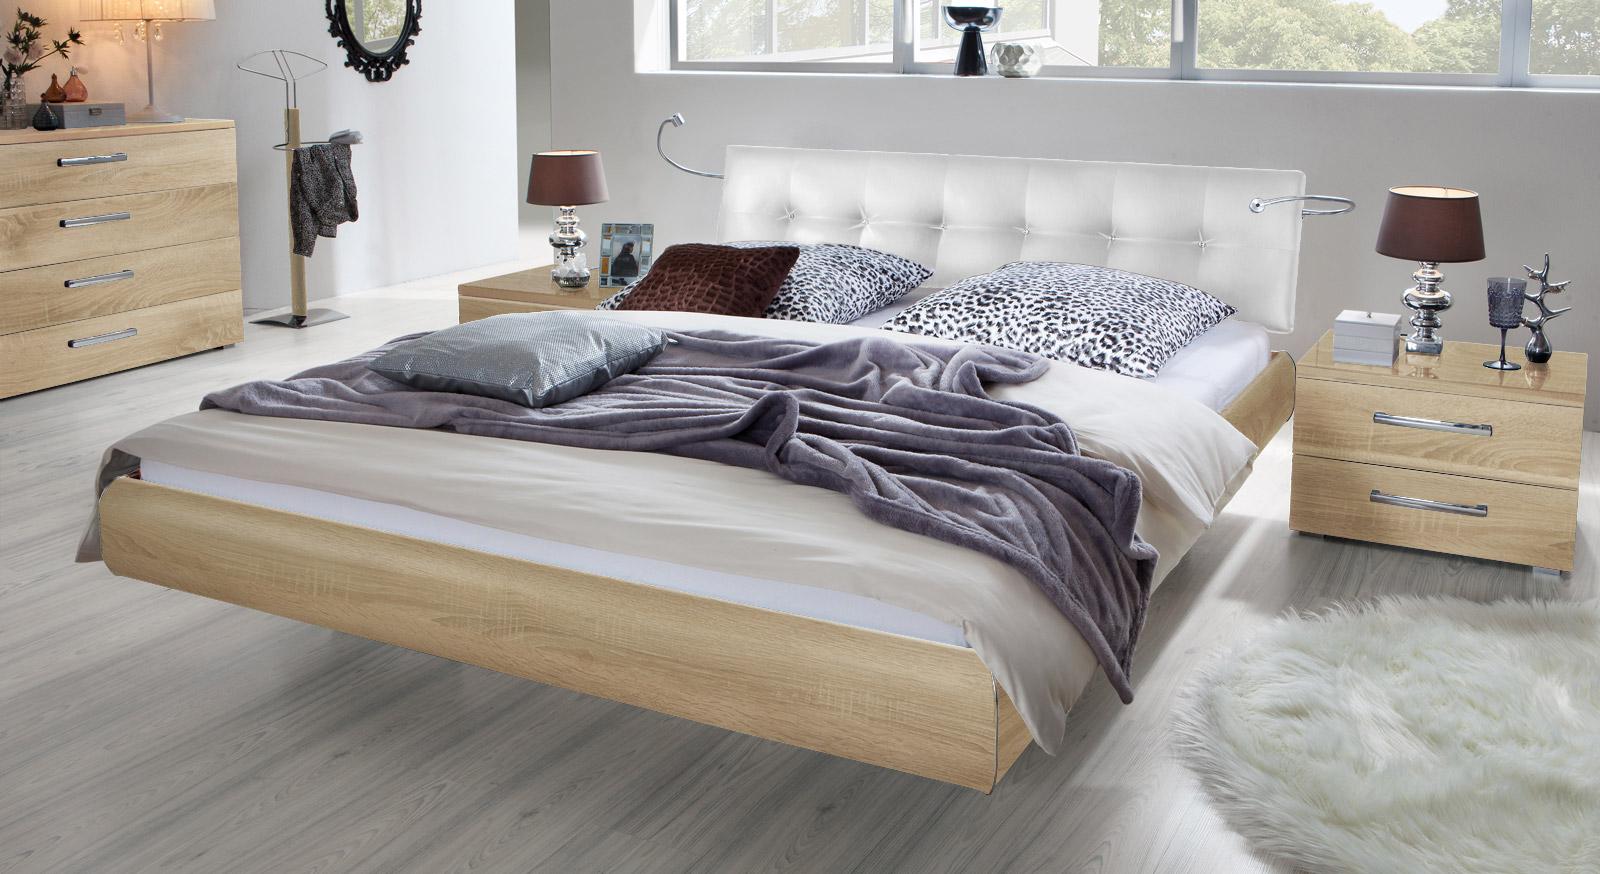 dekorbett mit kunstleder kopfteil und swarovski steinen cosenza. Black Bedroom Furniture Sets. Home Design Ideas